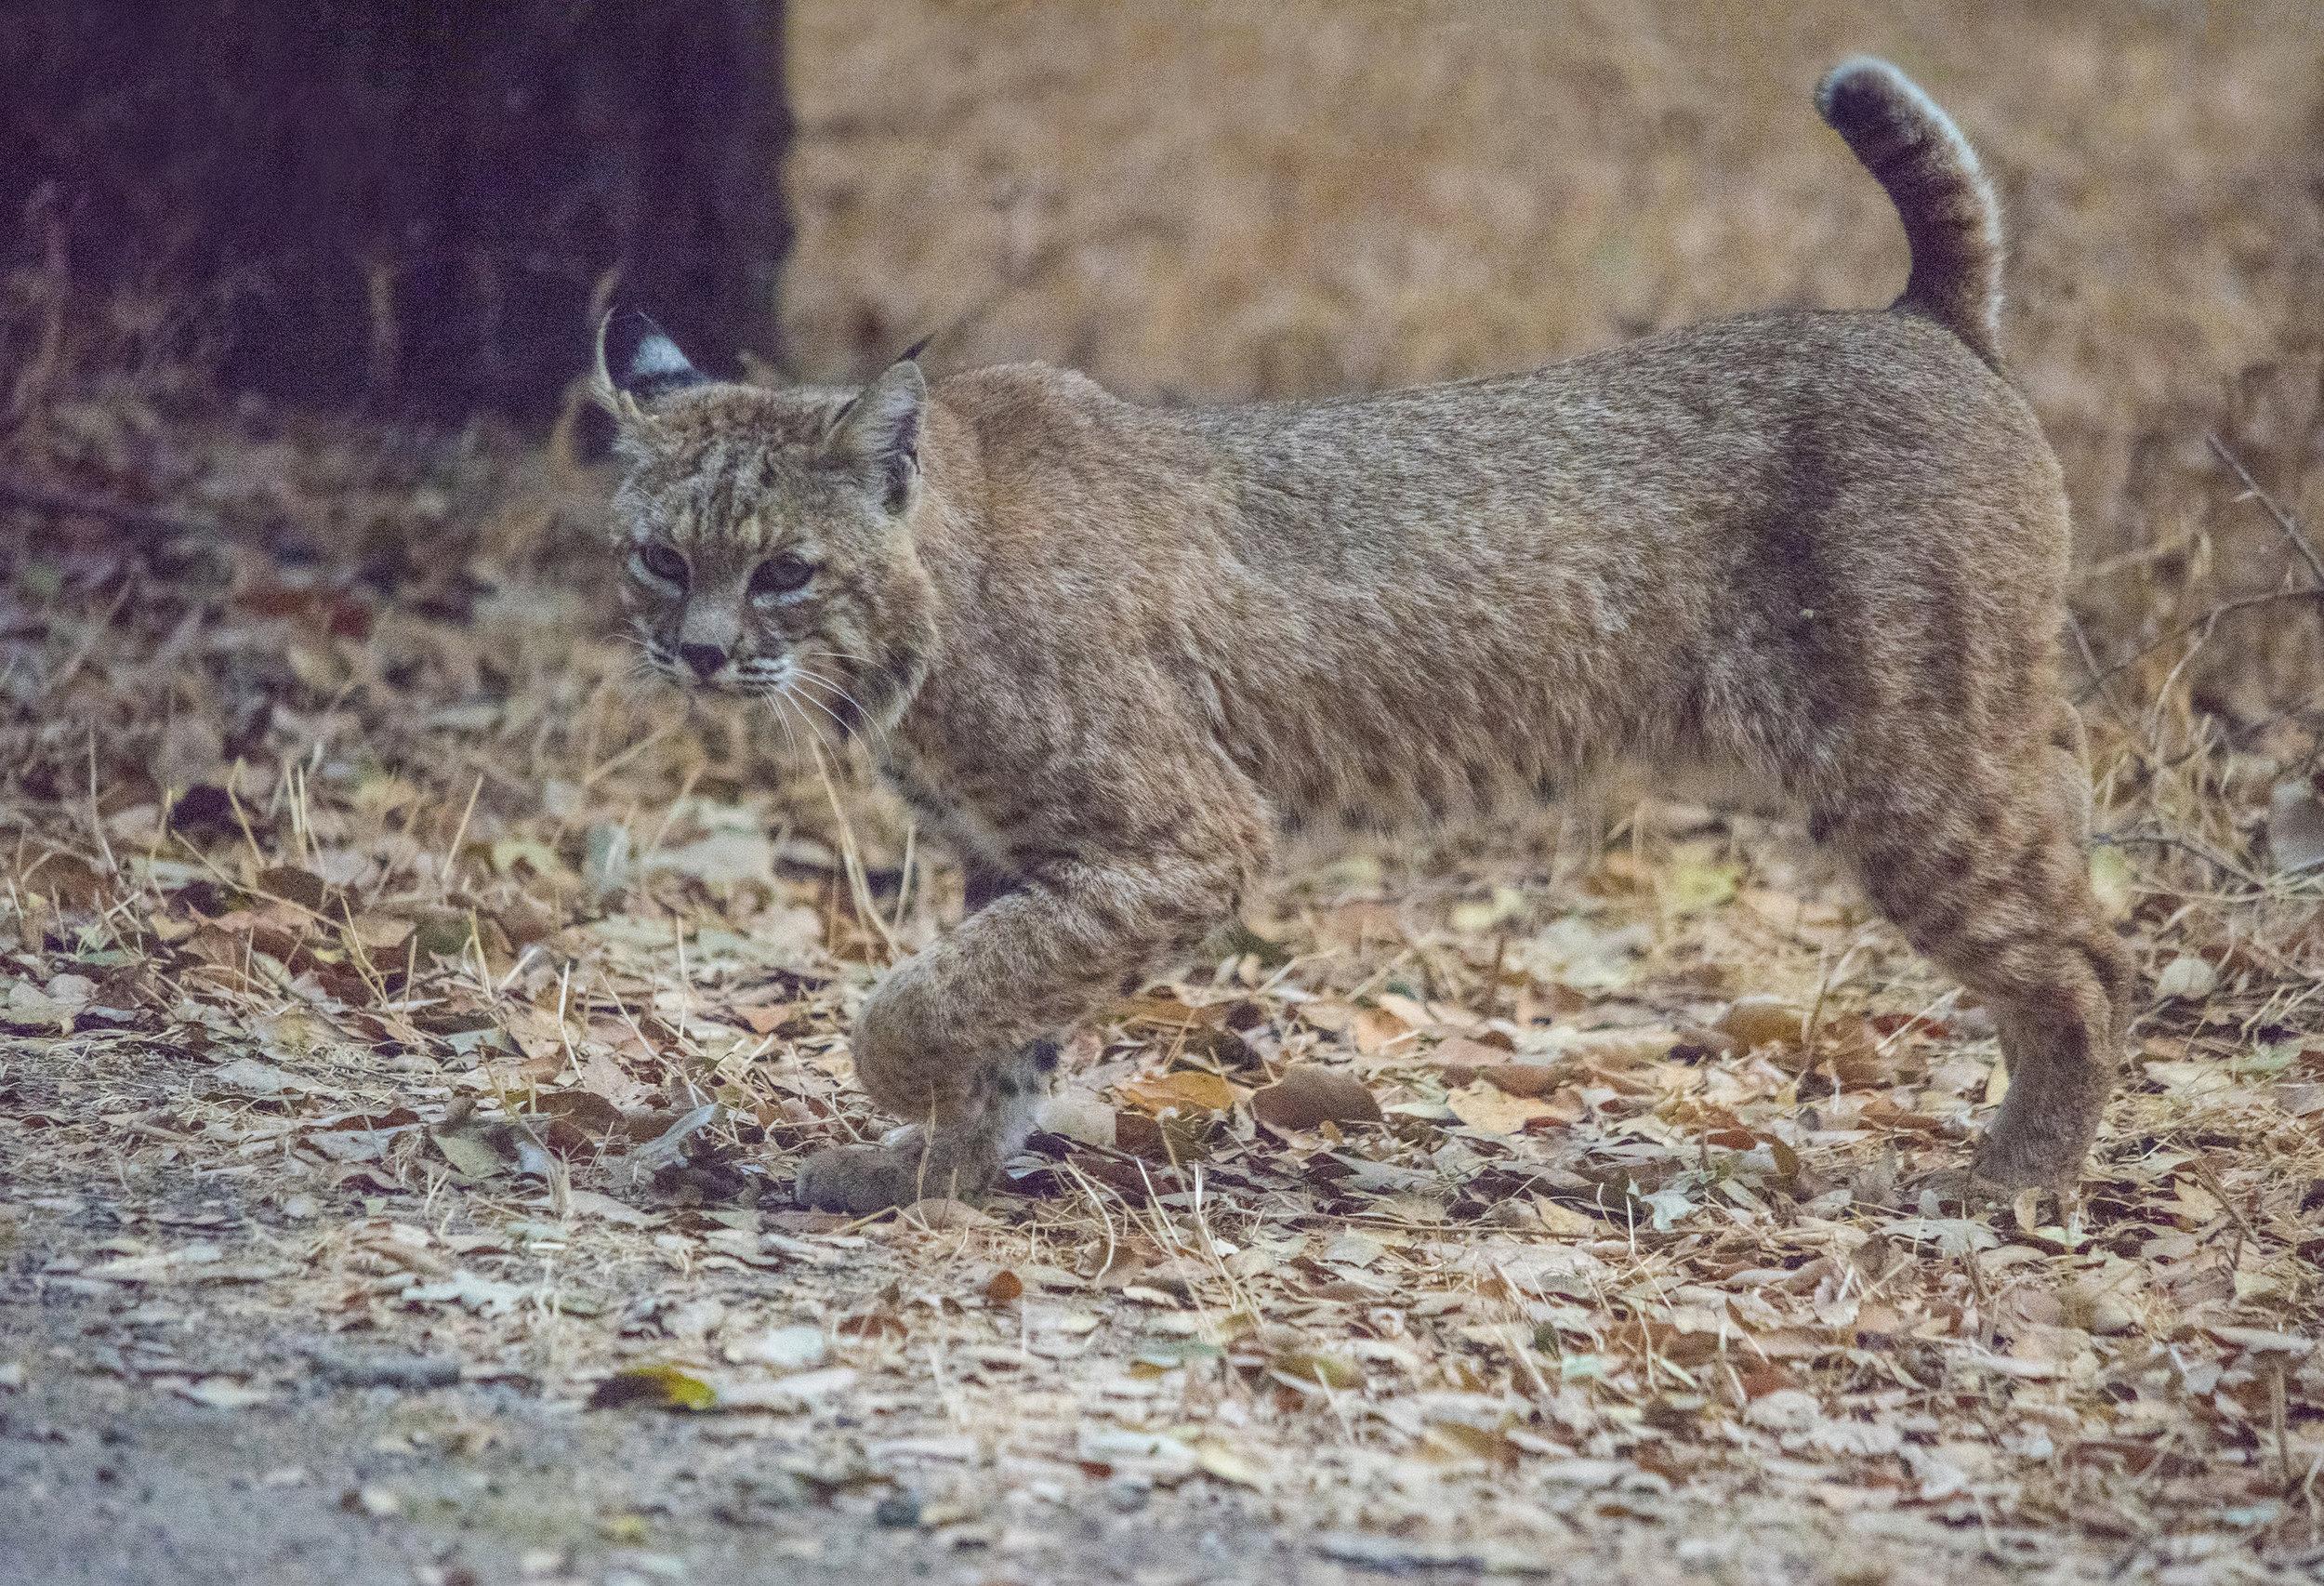 Bobcat at Coyote Creek Trail, San Jose, California